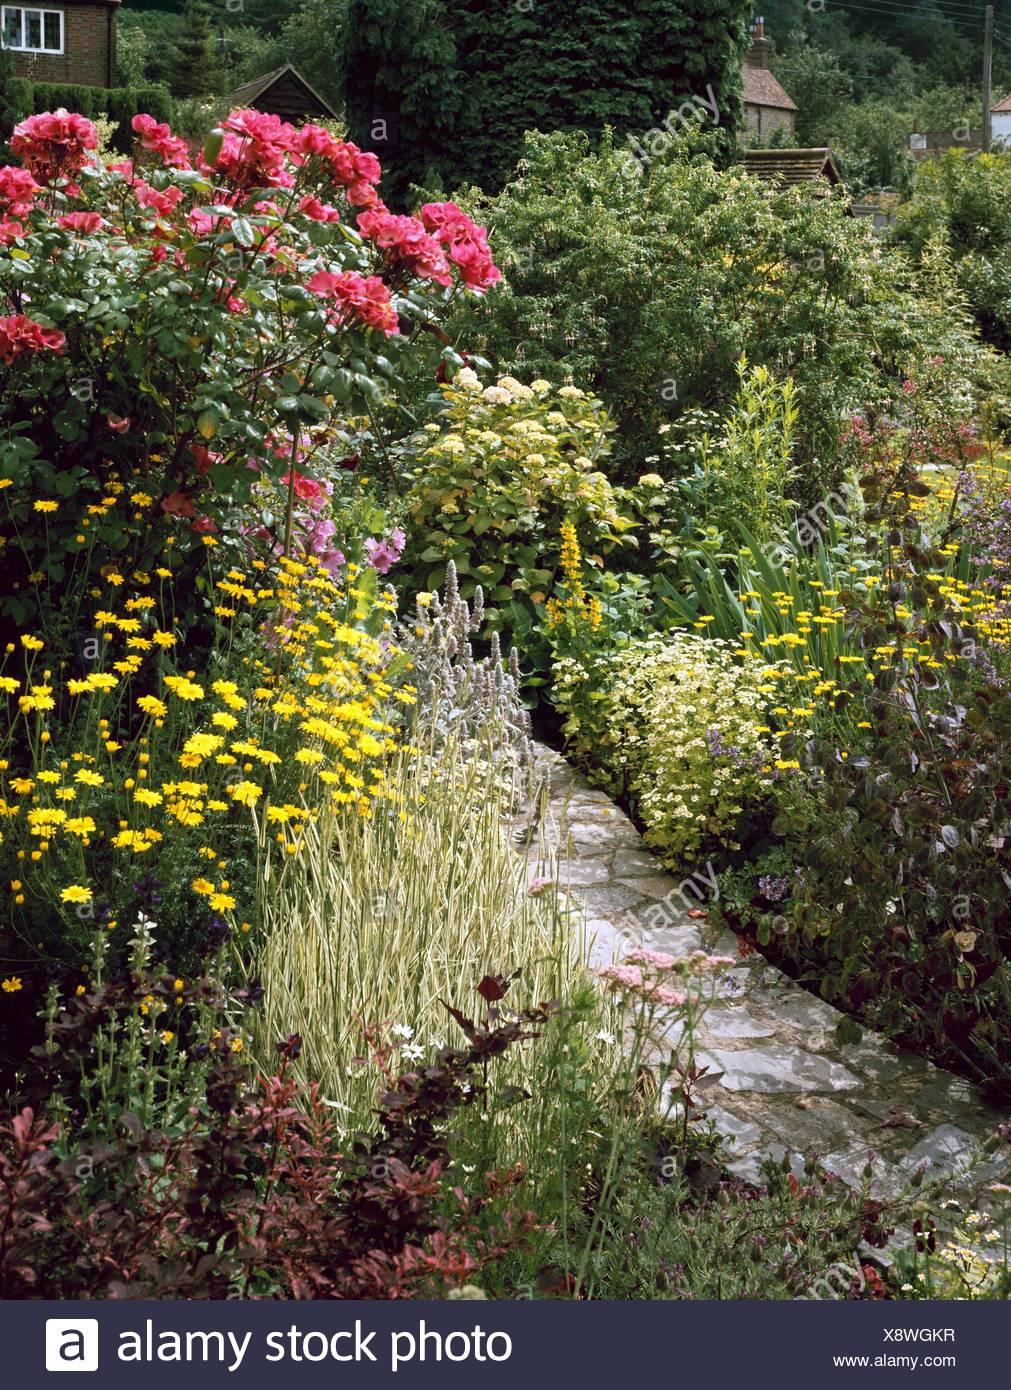 frontière mixtes avec lysamachia - lunaria tanacetum hortensia rose